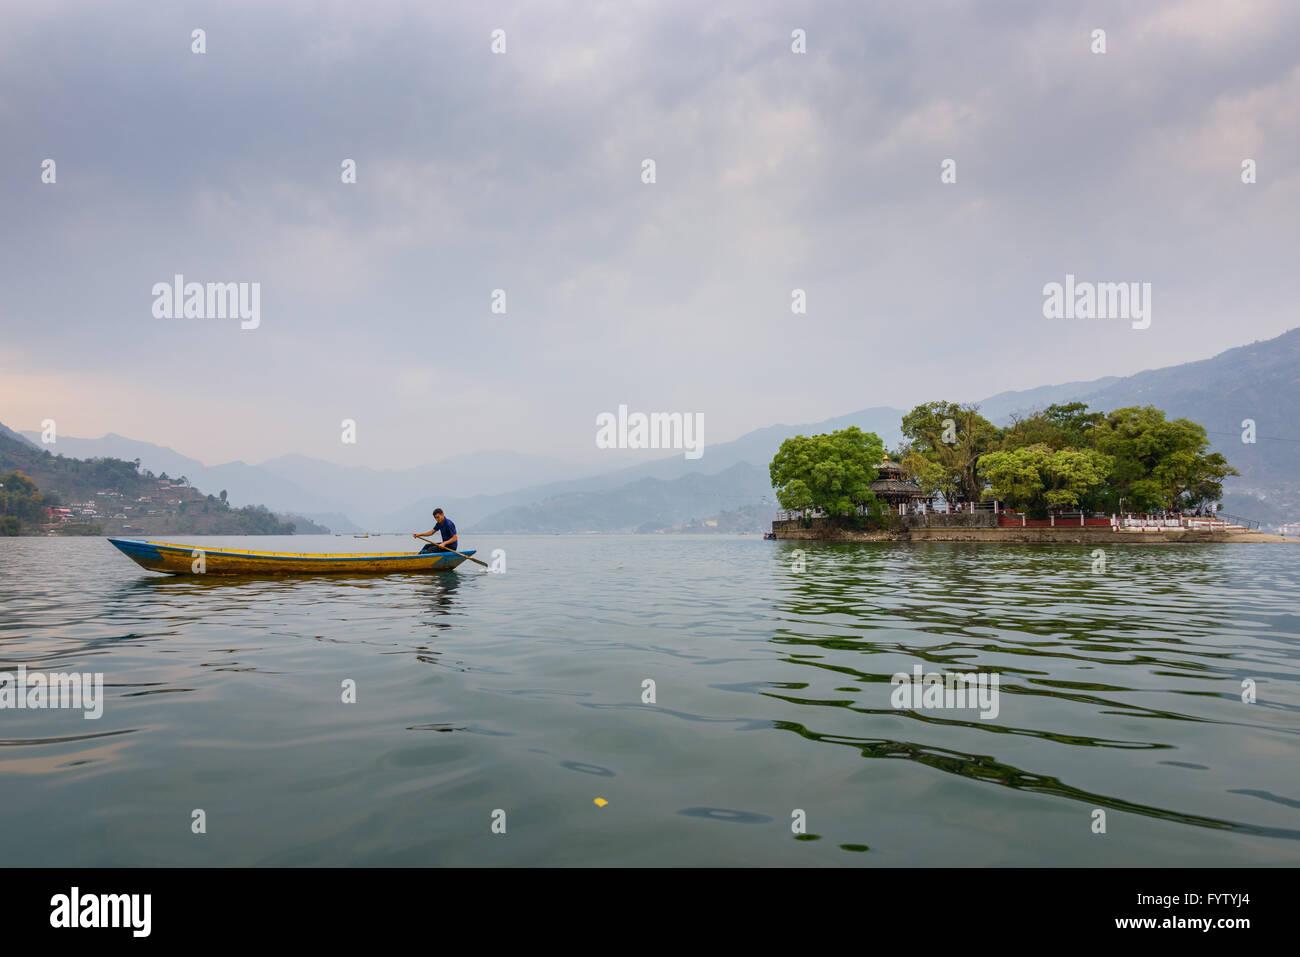 Nepalese man paddling on Phewa Lake in Pokhara, Nepal - Stock Image